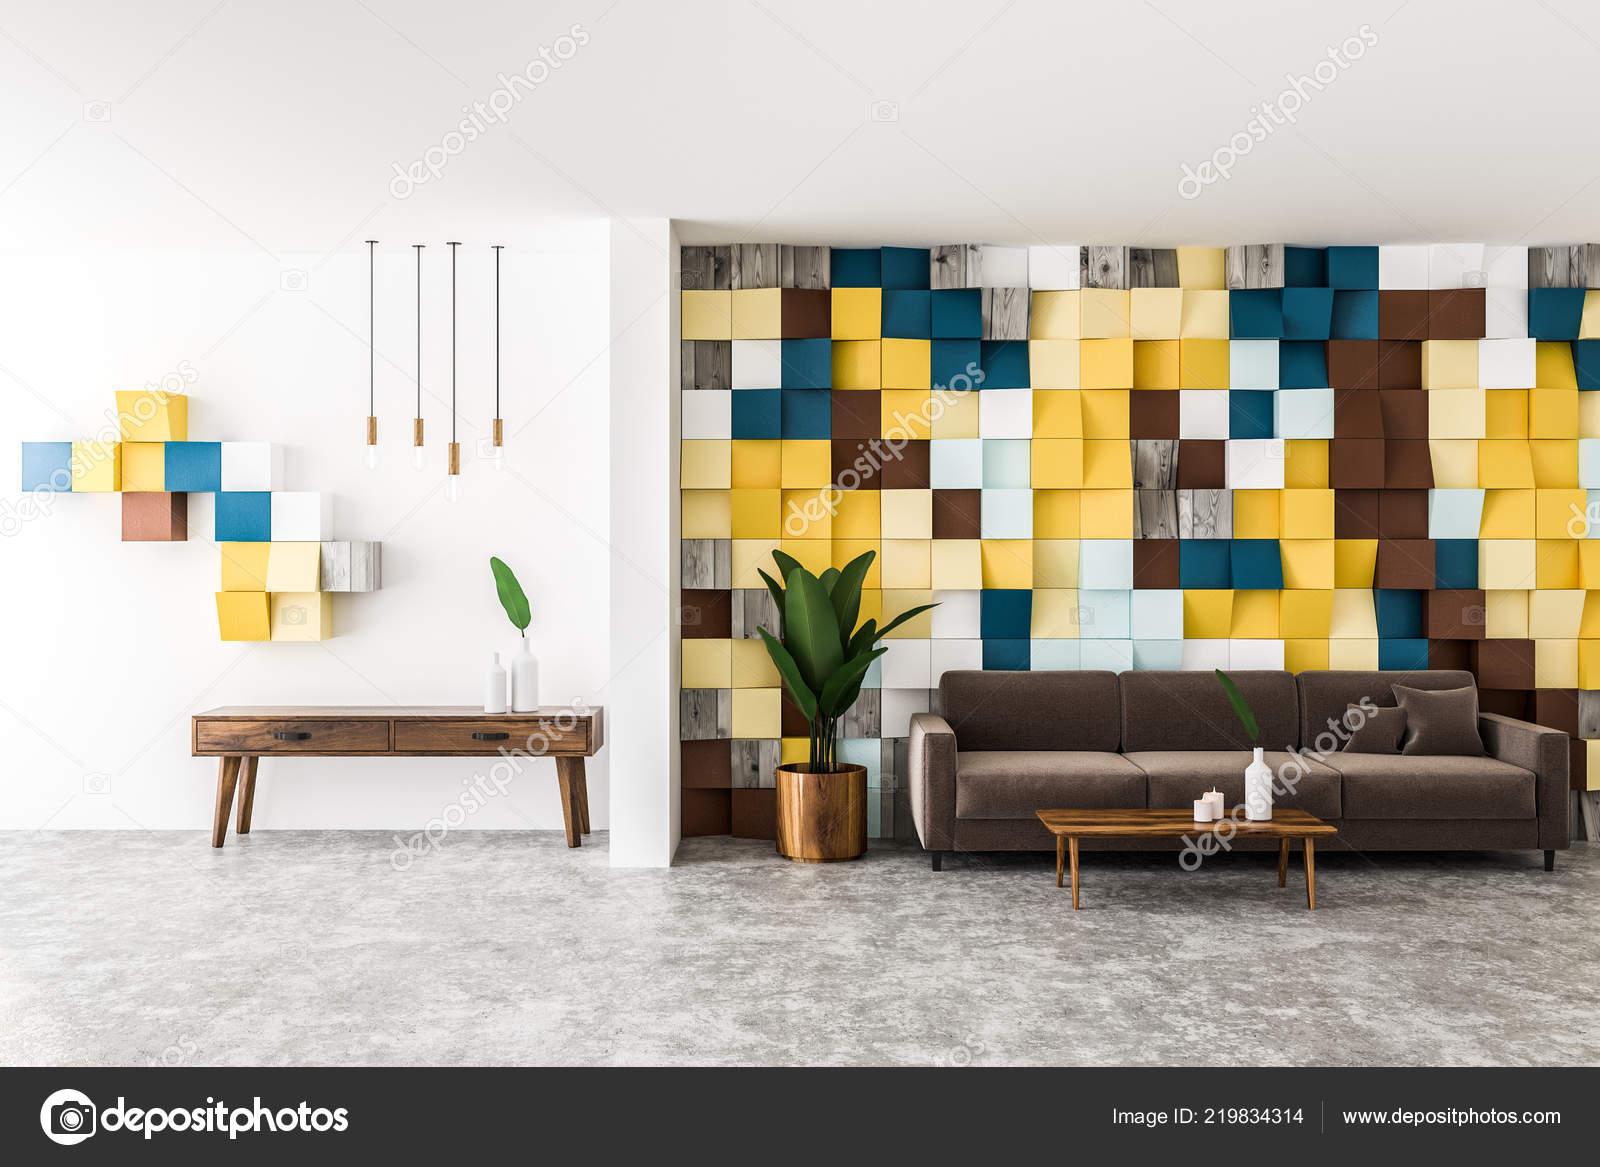 Farbige Fliesen Wand Wohnzimmer Interieur Mit Betonboden Braunen